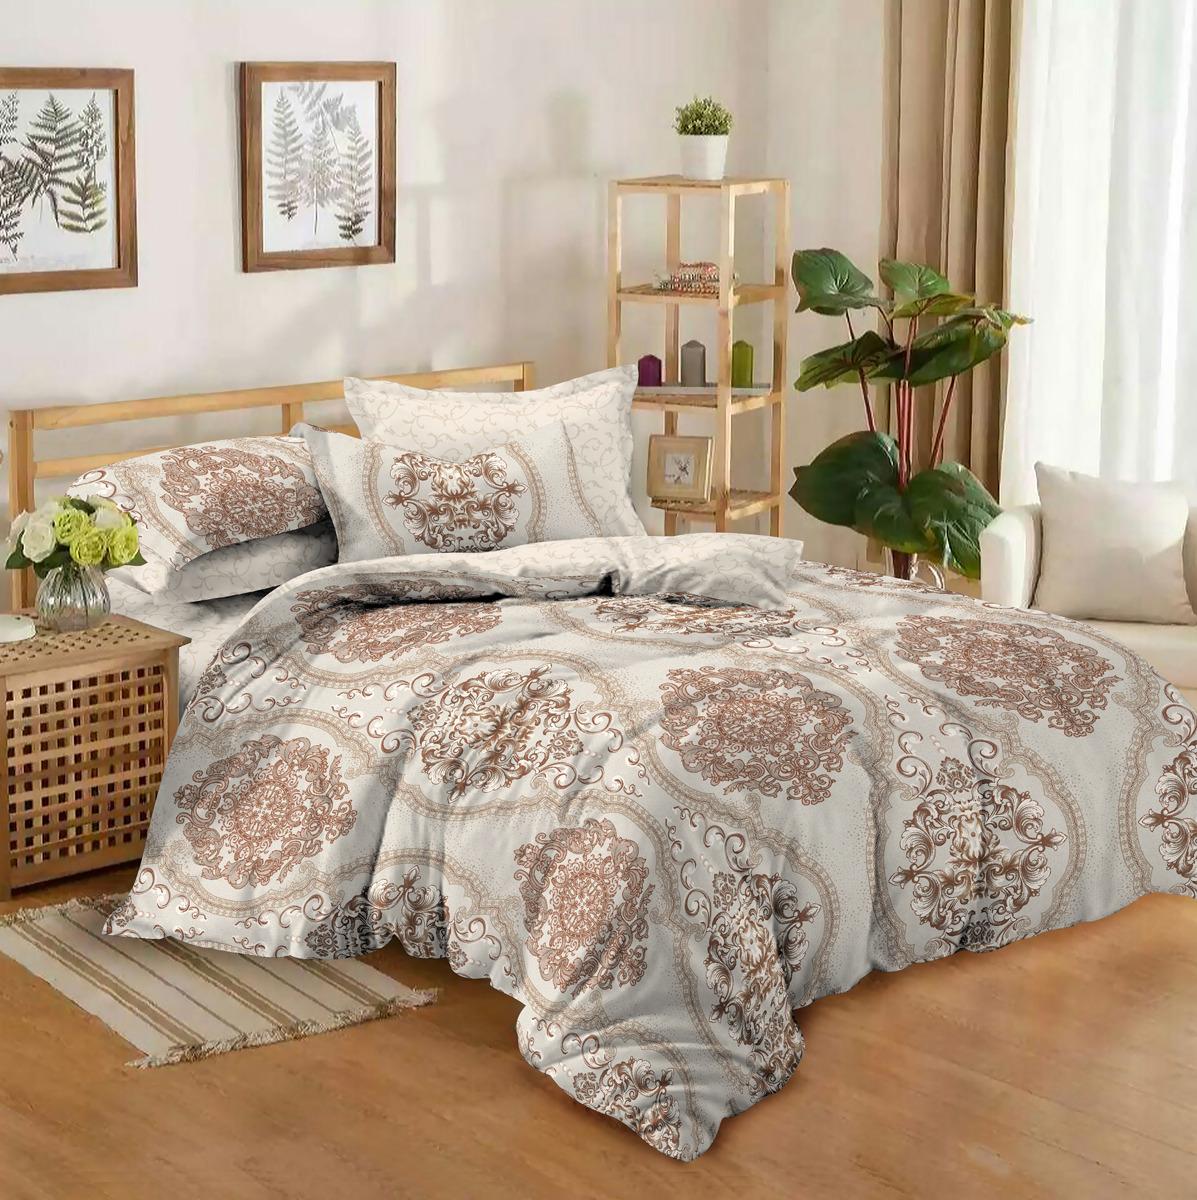 Комплект постельного белья Amore Mio Gold Melissa, евро, наволочки 50x70, 70x70